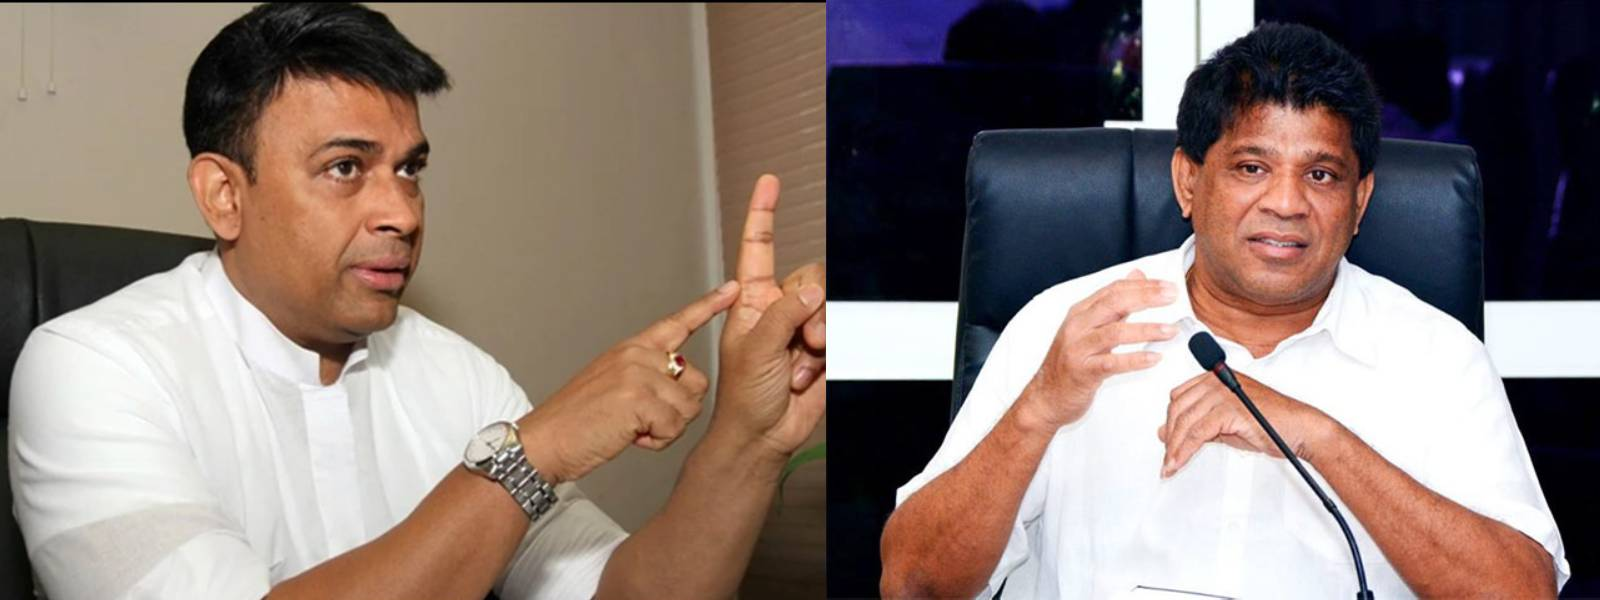 ரஞ்சனின் பாராளுமன்ற உறுப்பினர் பதவி வெற்றிடத்திற்கு அஜித் மானப்பெரும தெரிவு